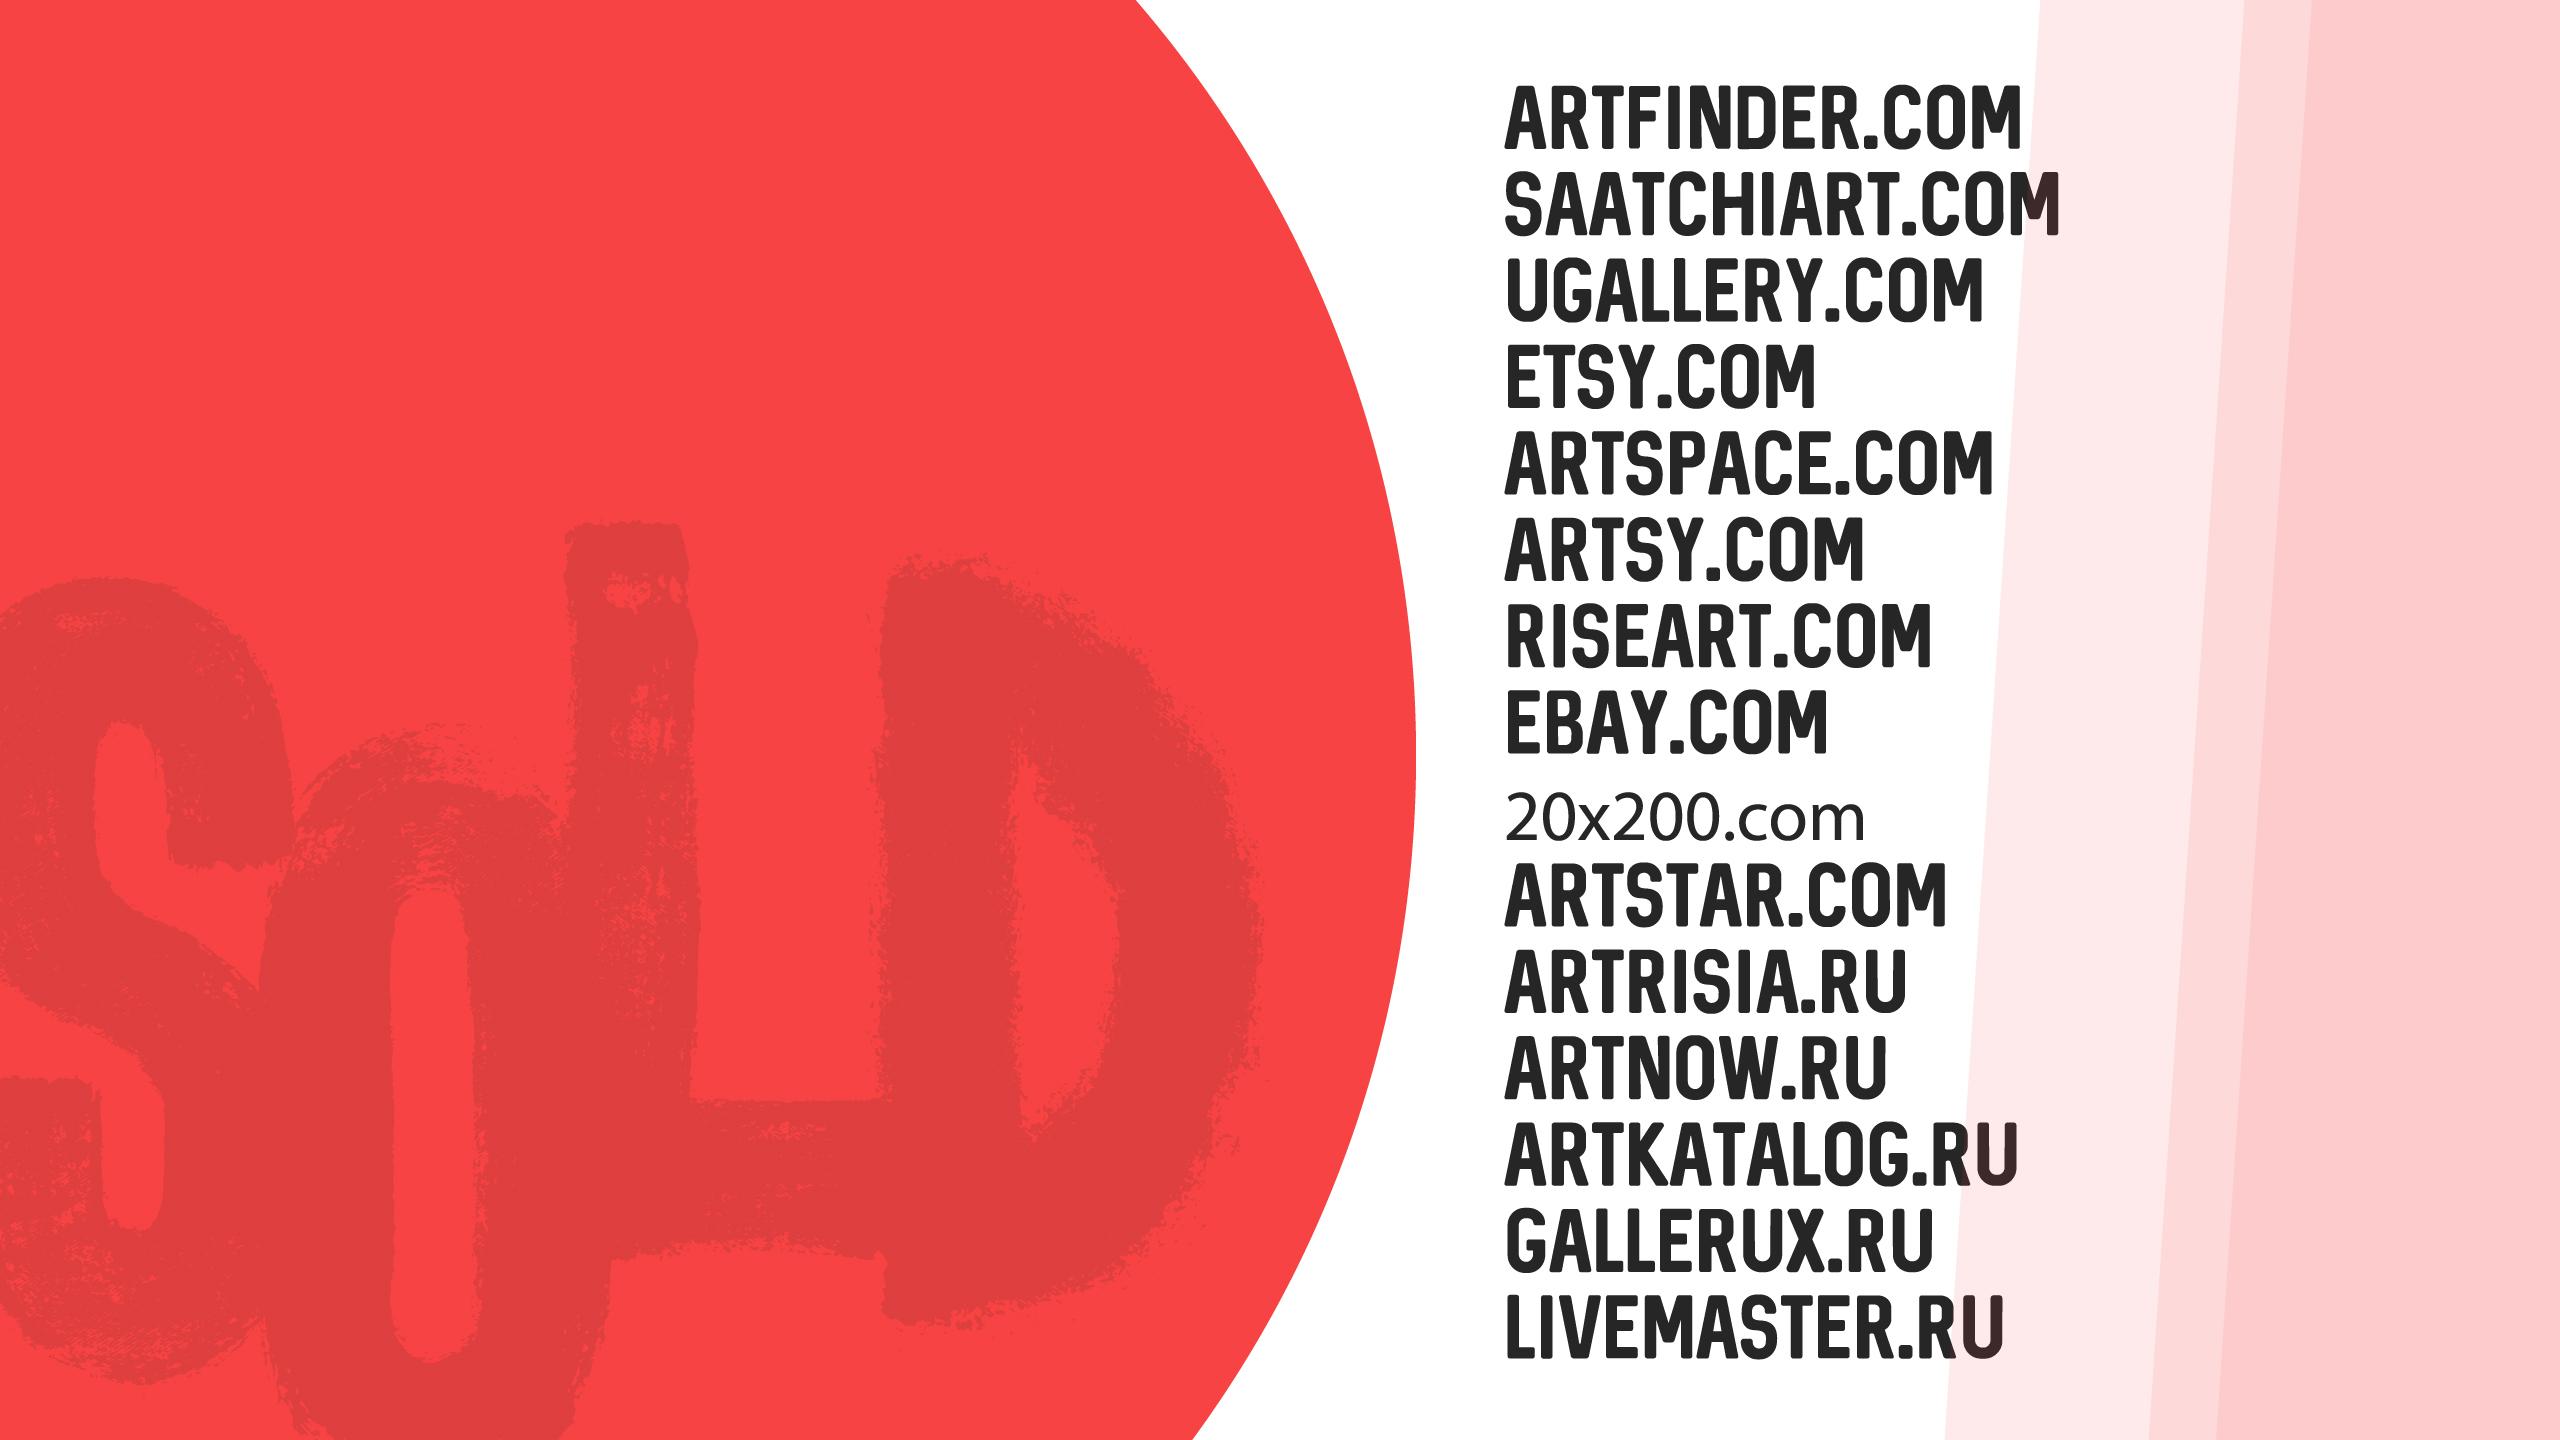 Список онлайн-галерей. Первые пять из них - самые популярные